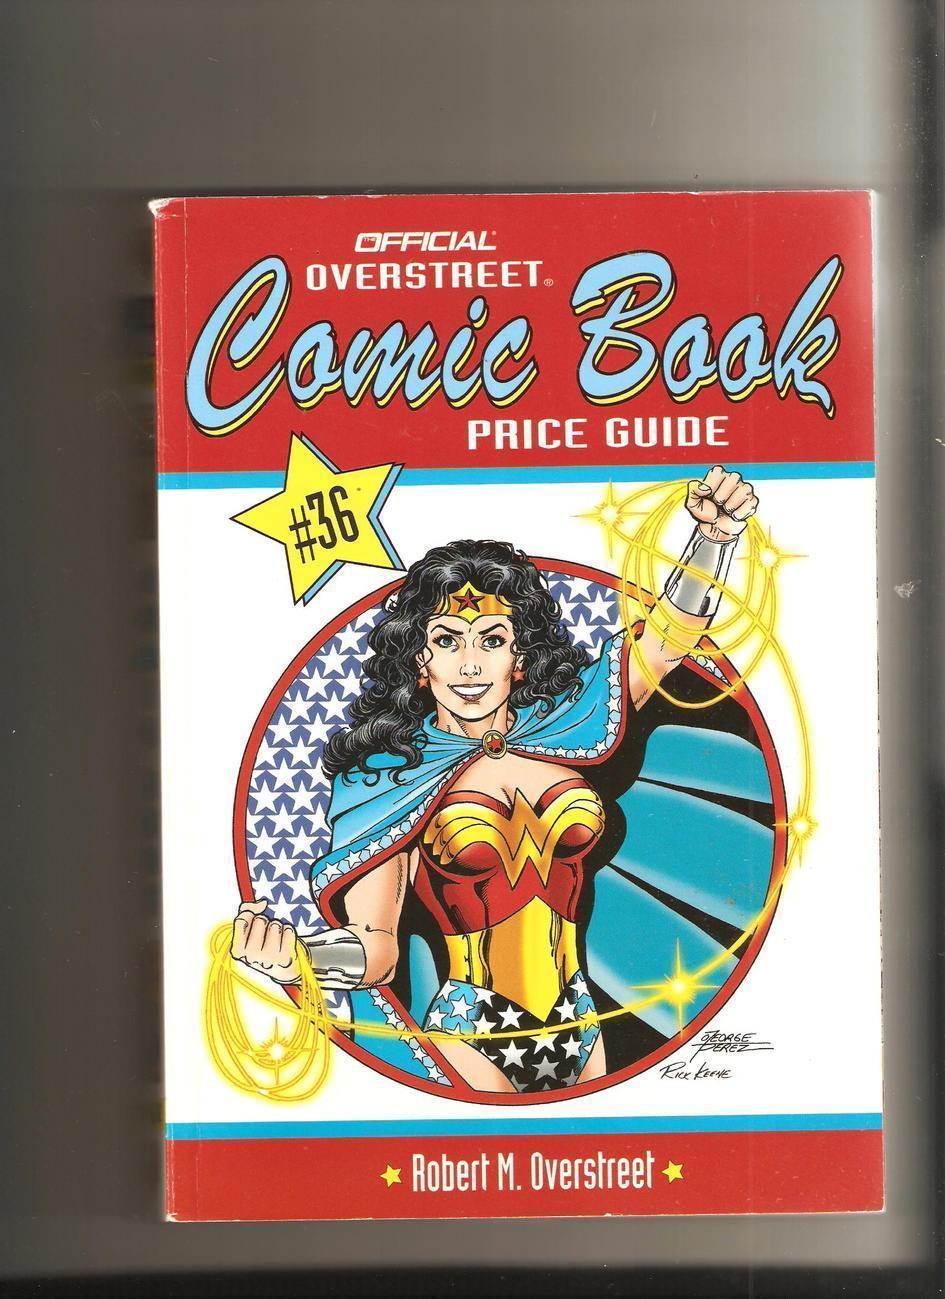 Comicbookpriceguide 36